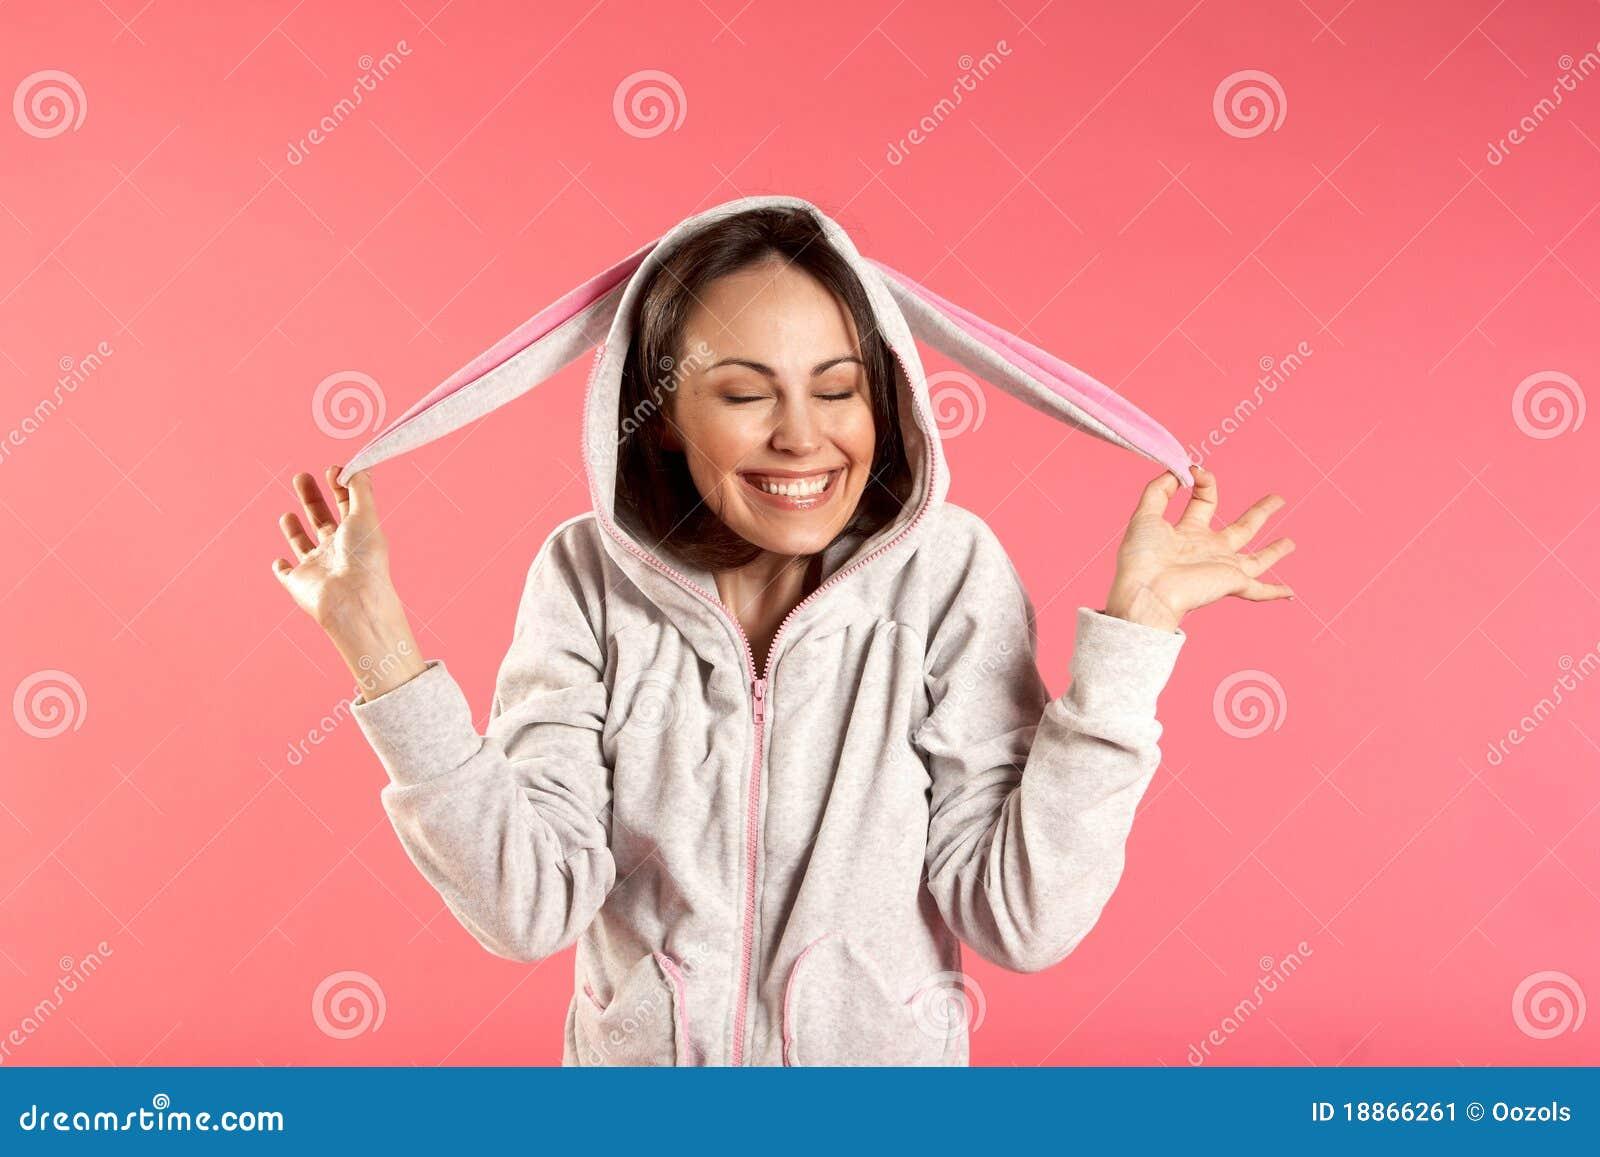 Lächelndes Mädchen in einem Kaninchenkostüm